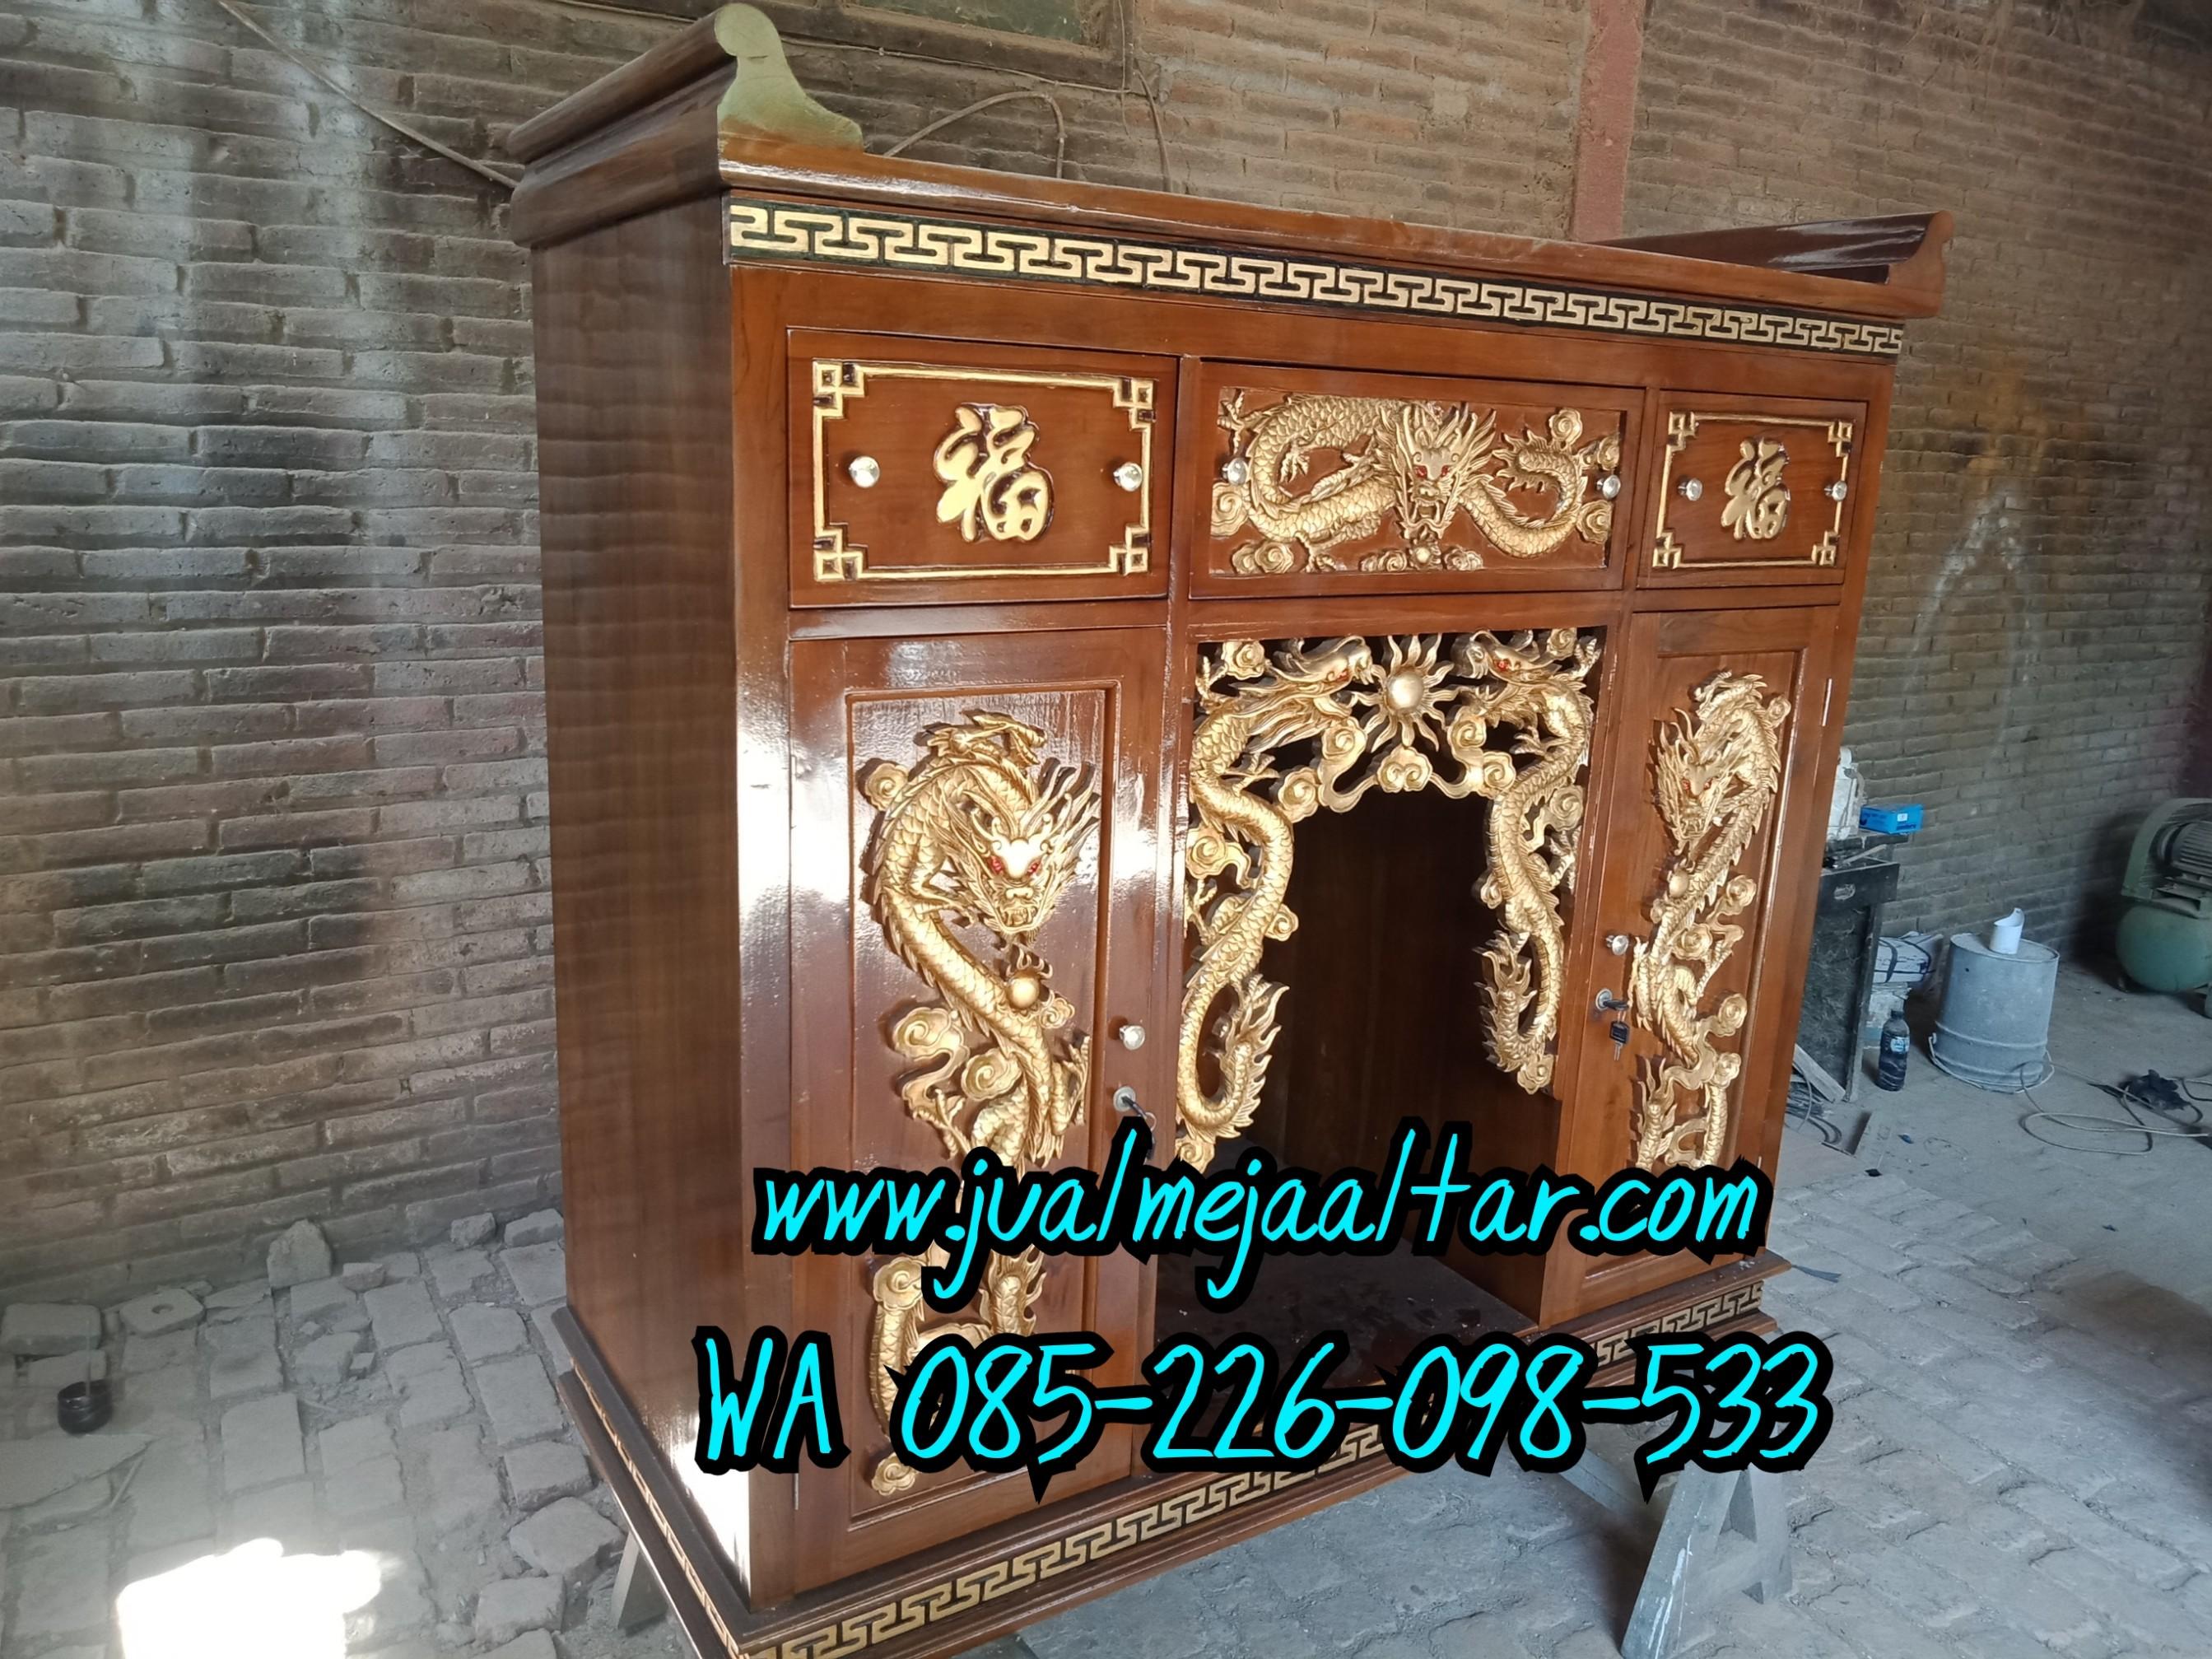 Jual Altar Sembahyang te cu kong